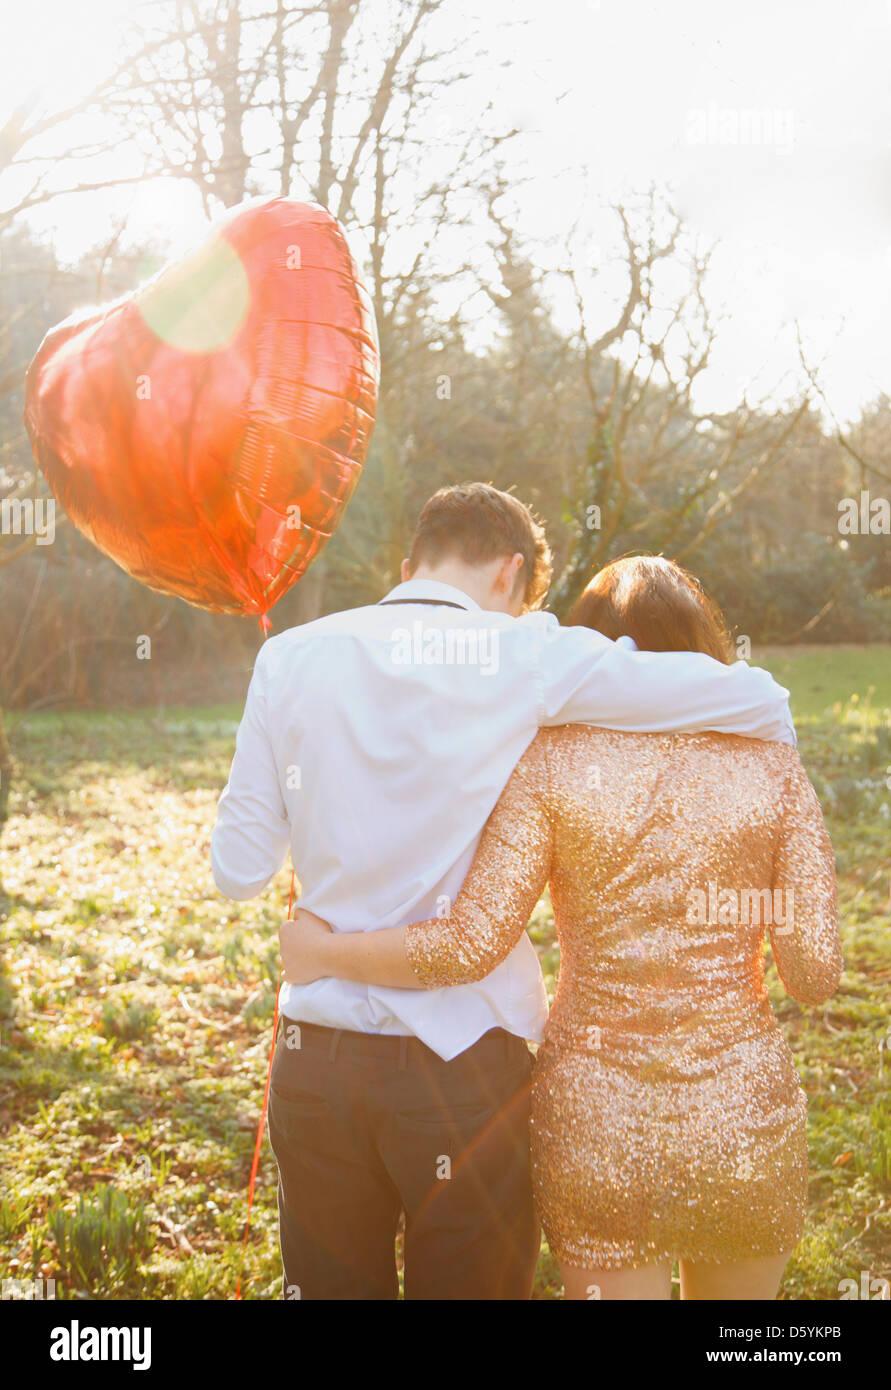 Paar im Park hält herzförmige Ballon, hintere Ansicht Stockfoto